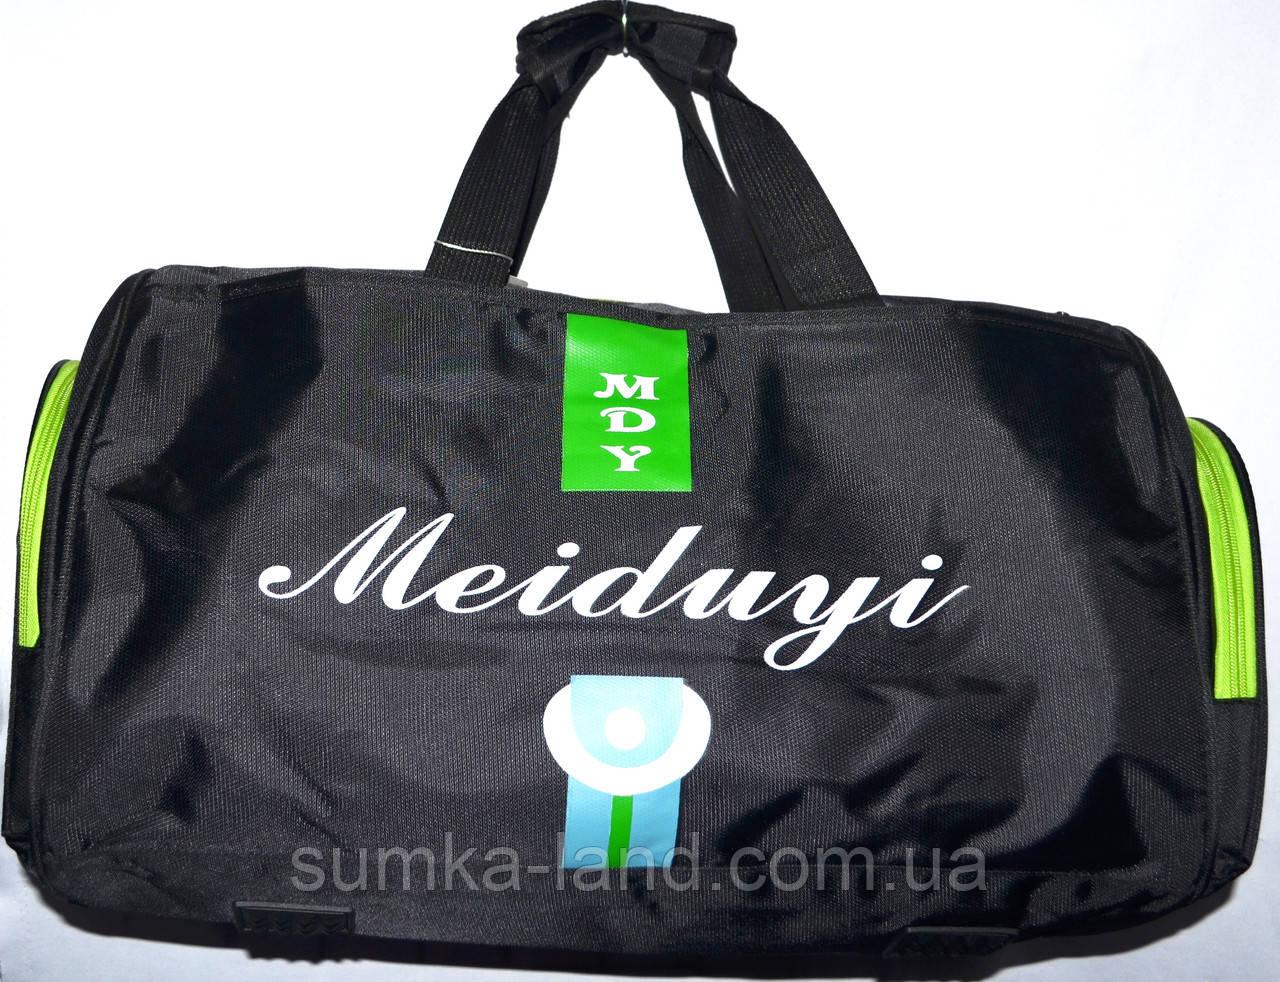 Спортивная дорожная сумка 44*26 (черный)